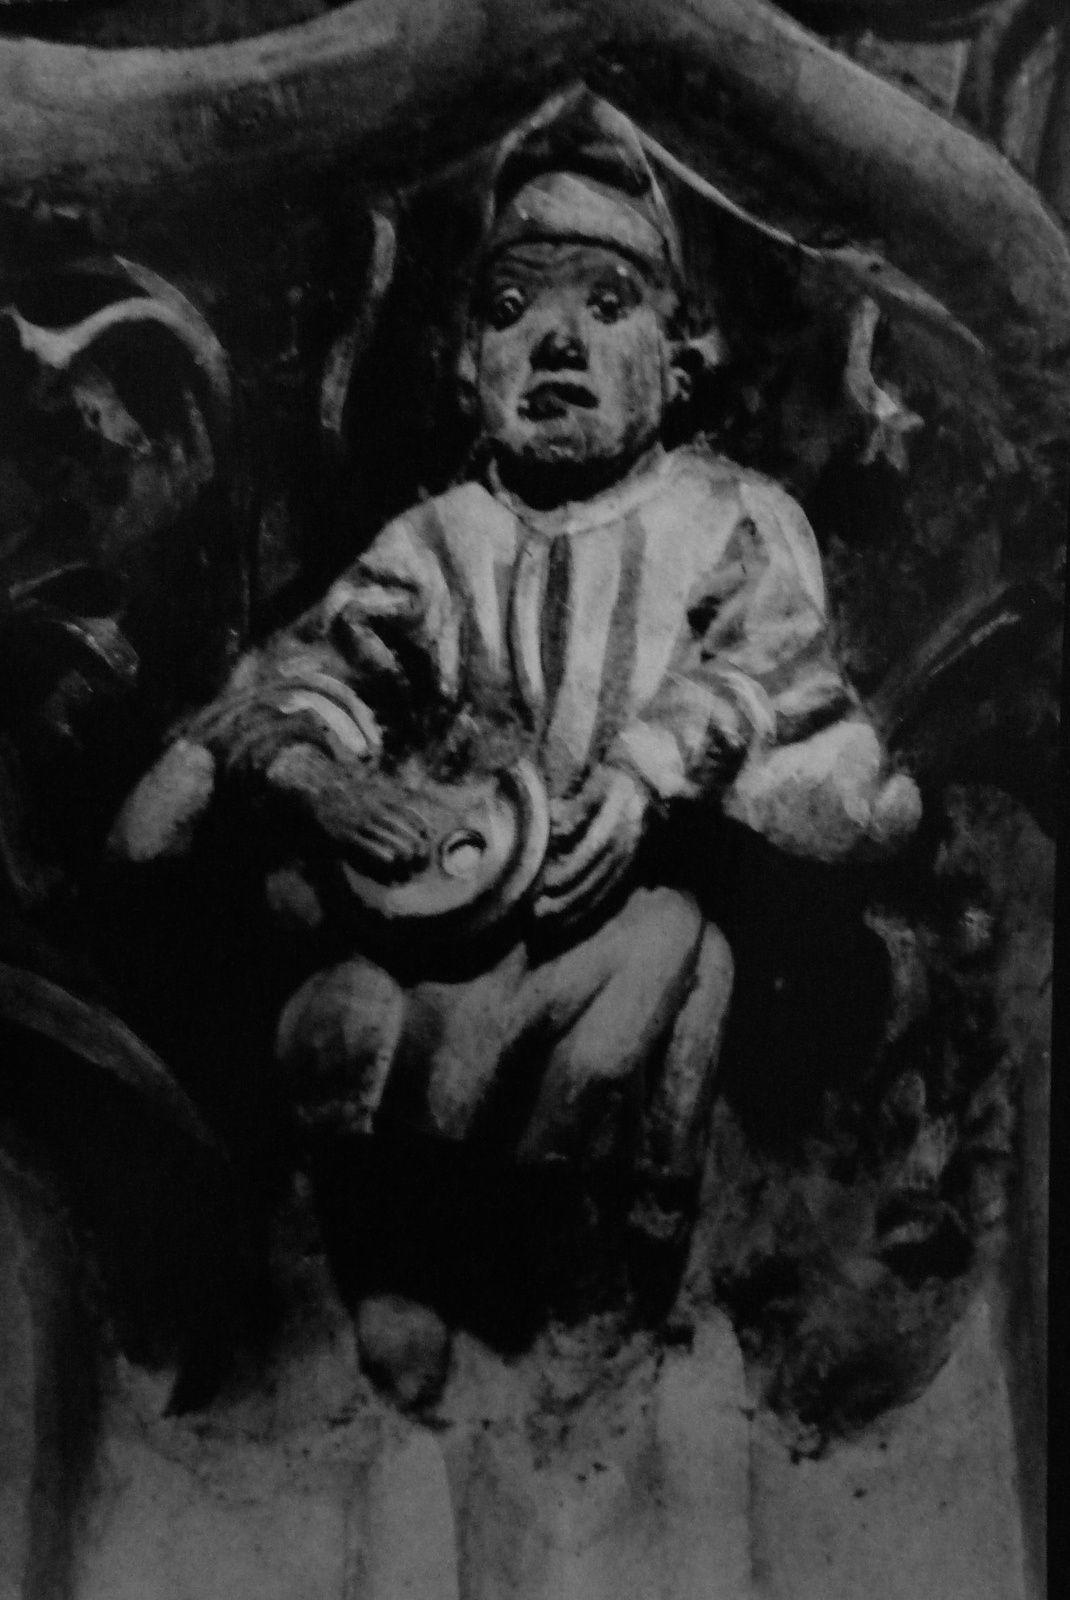 Le mâqueu d' soupe (statuette de Notre-Dame de Louviers)